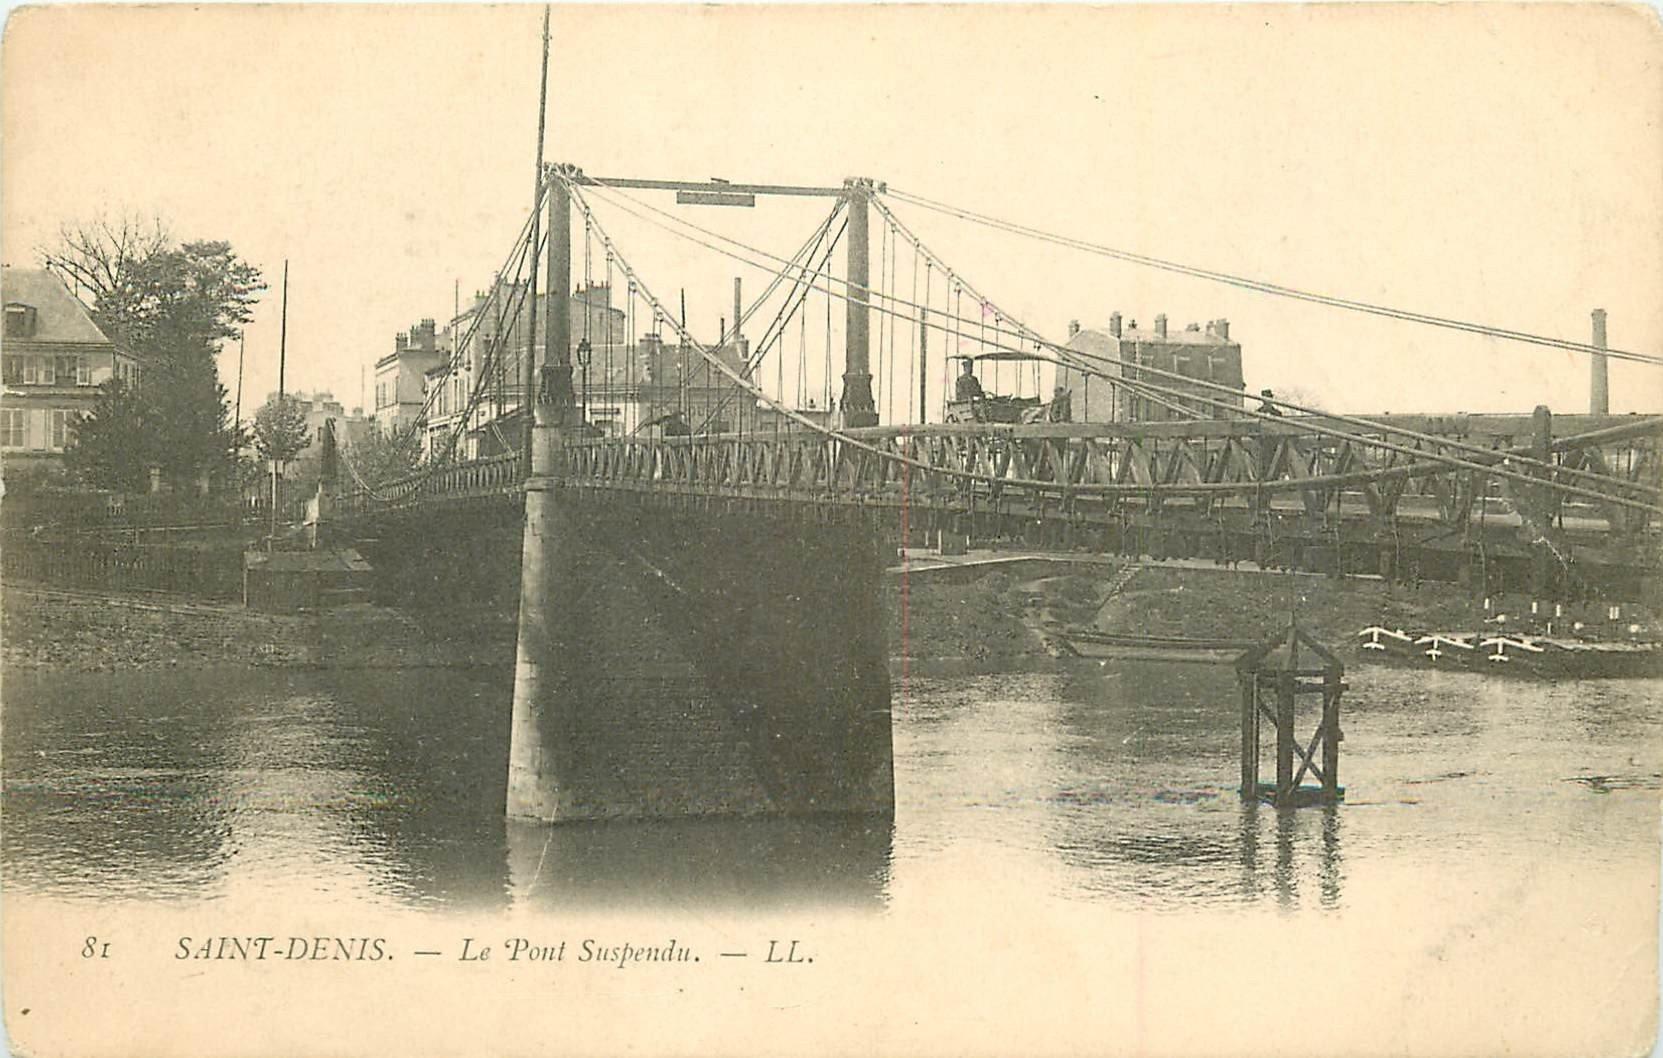 93 SAINT DENIS. Attelage sur le Pont Suspendu vers 1900